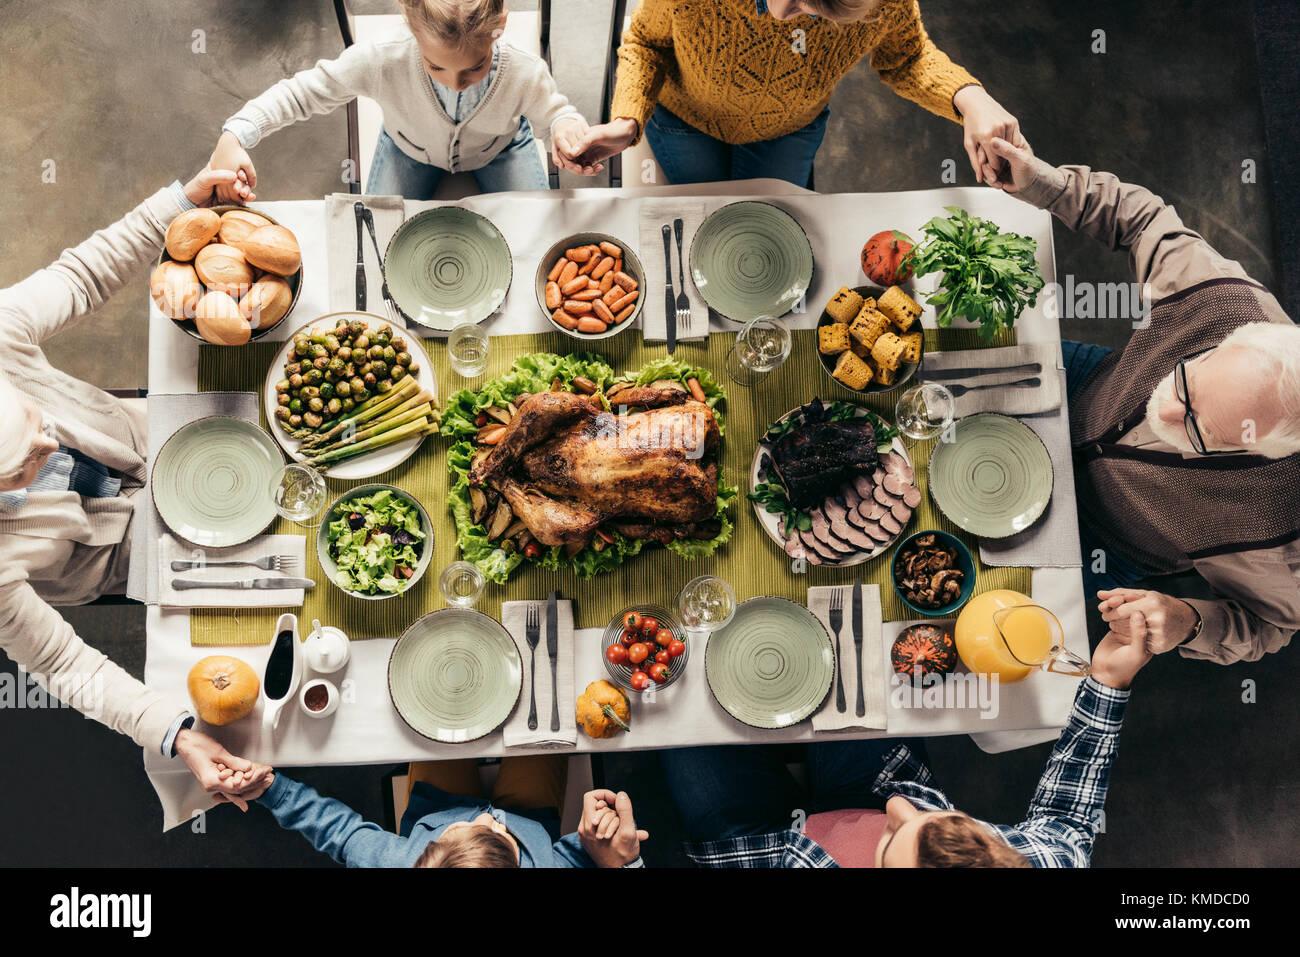 Familie betete vor dem Urlaub Abendessen Stockbild